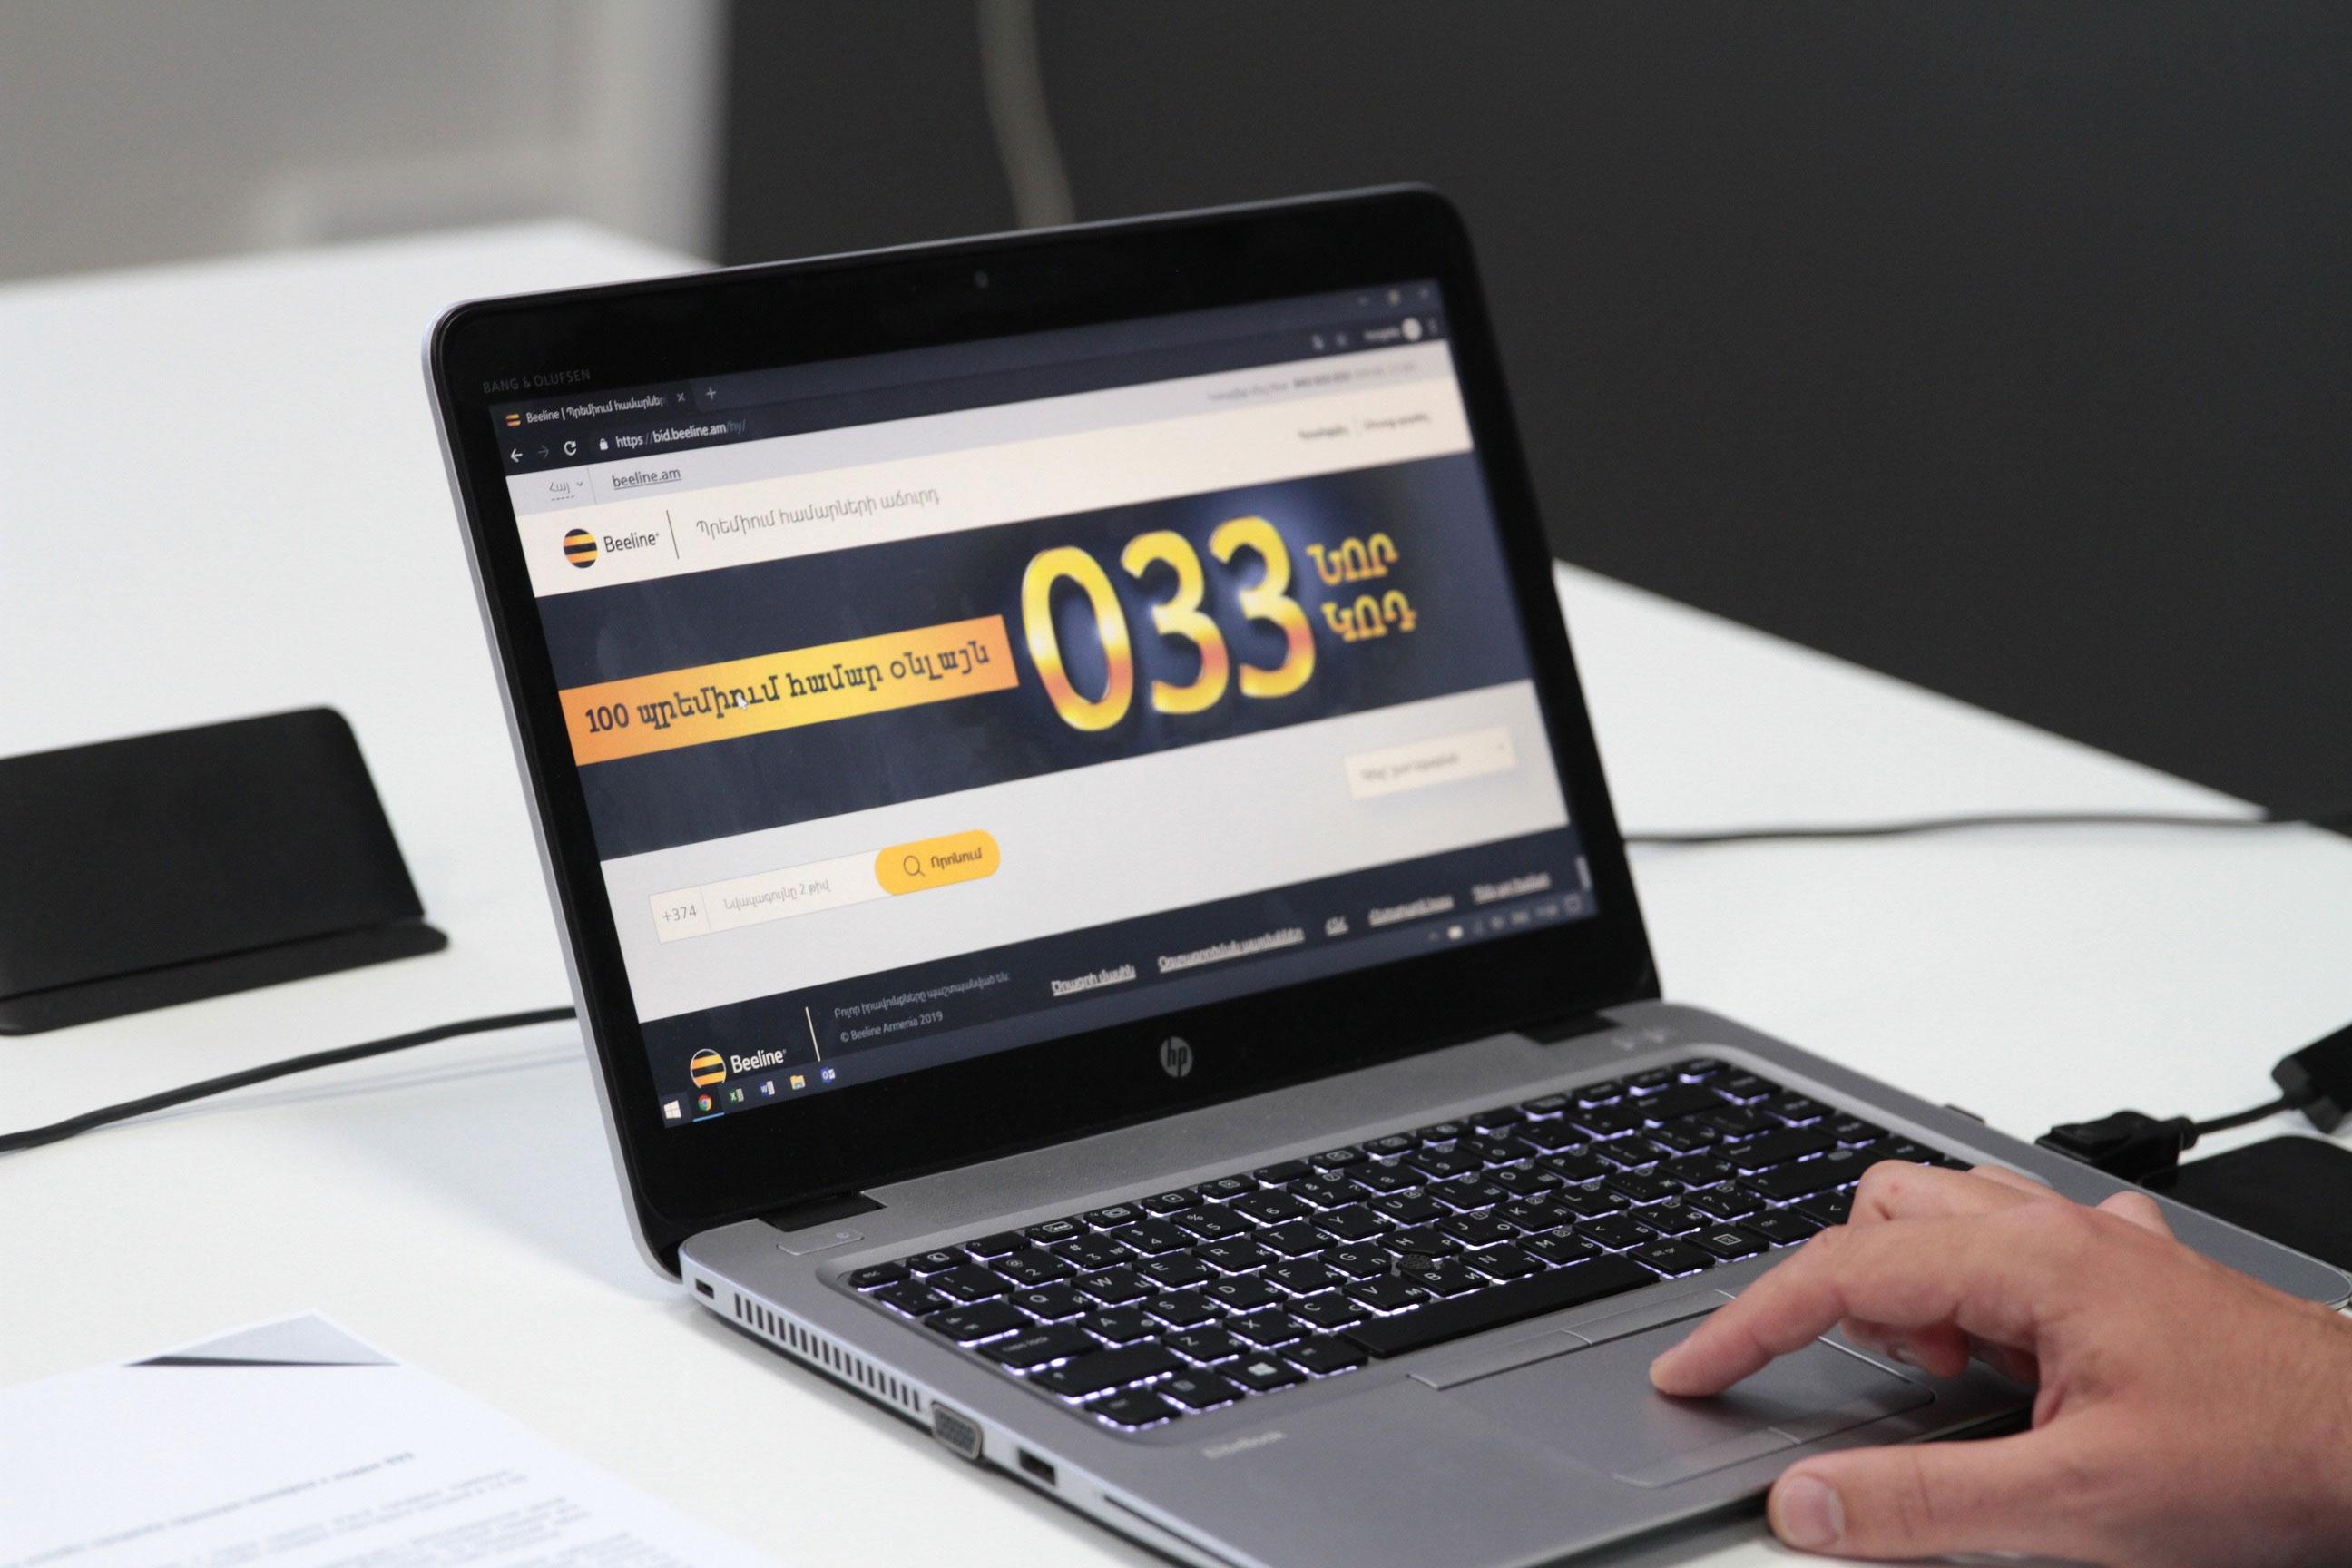 Beeline. 033 կոդով նոր հեռախոսահամարները հասանելի են online գնման համար